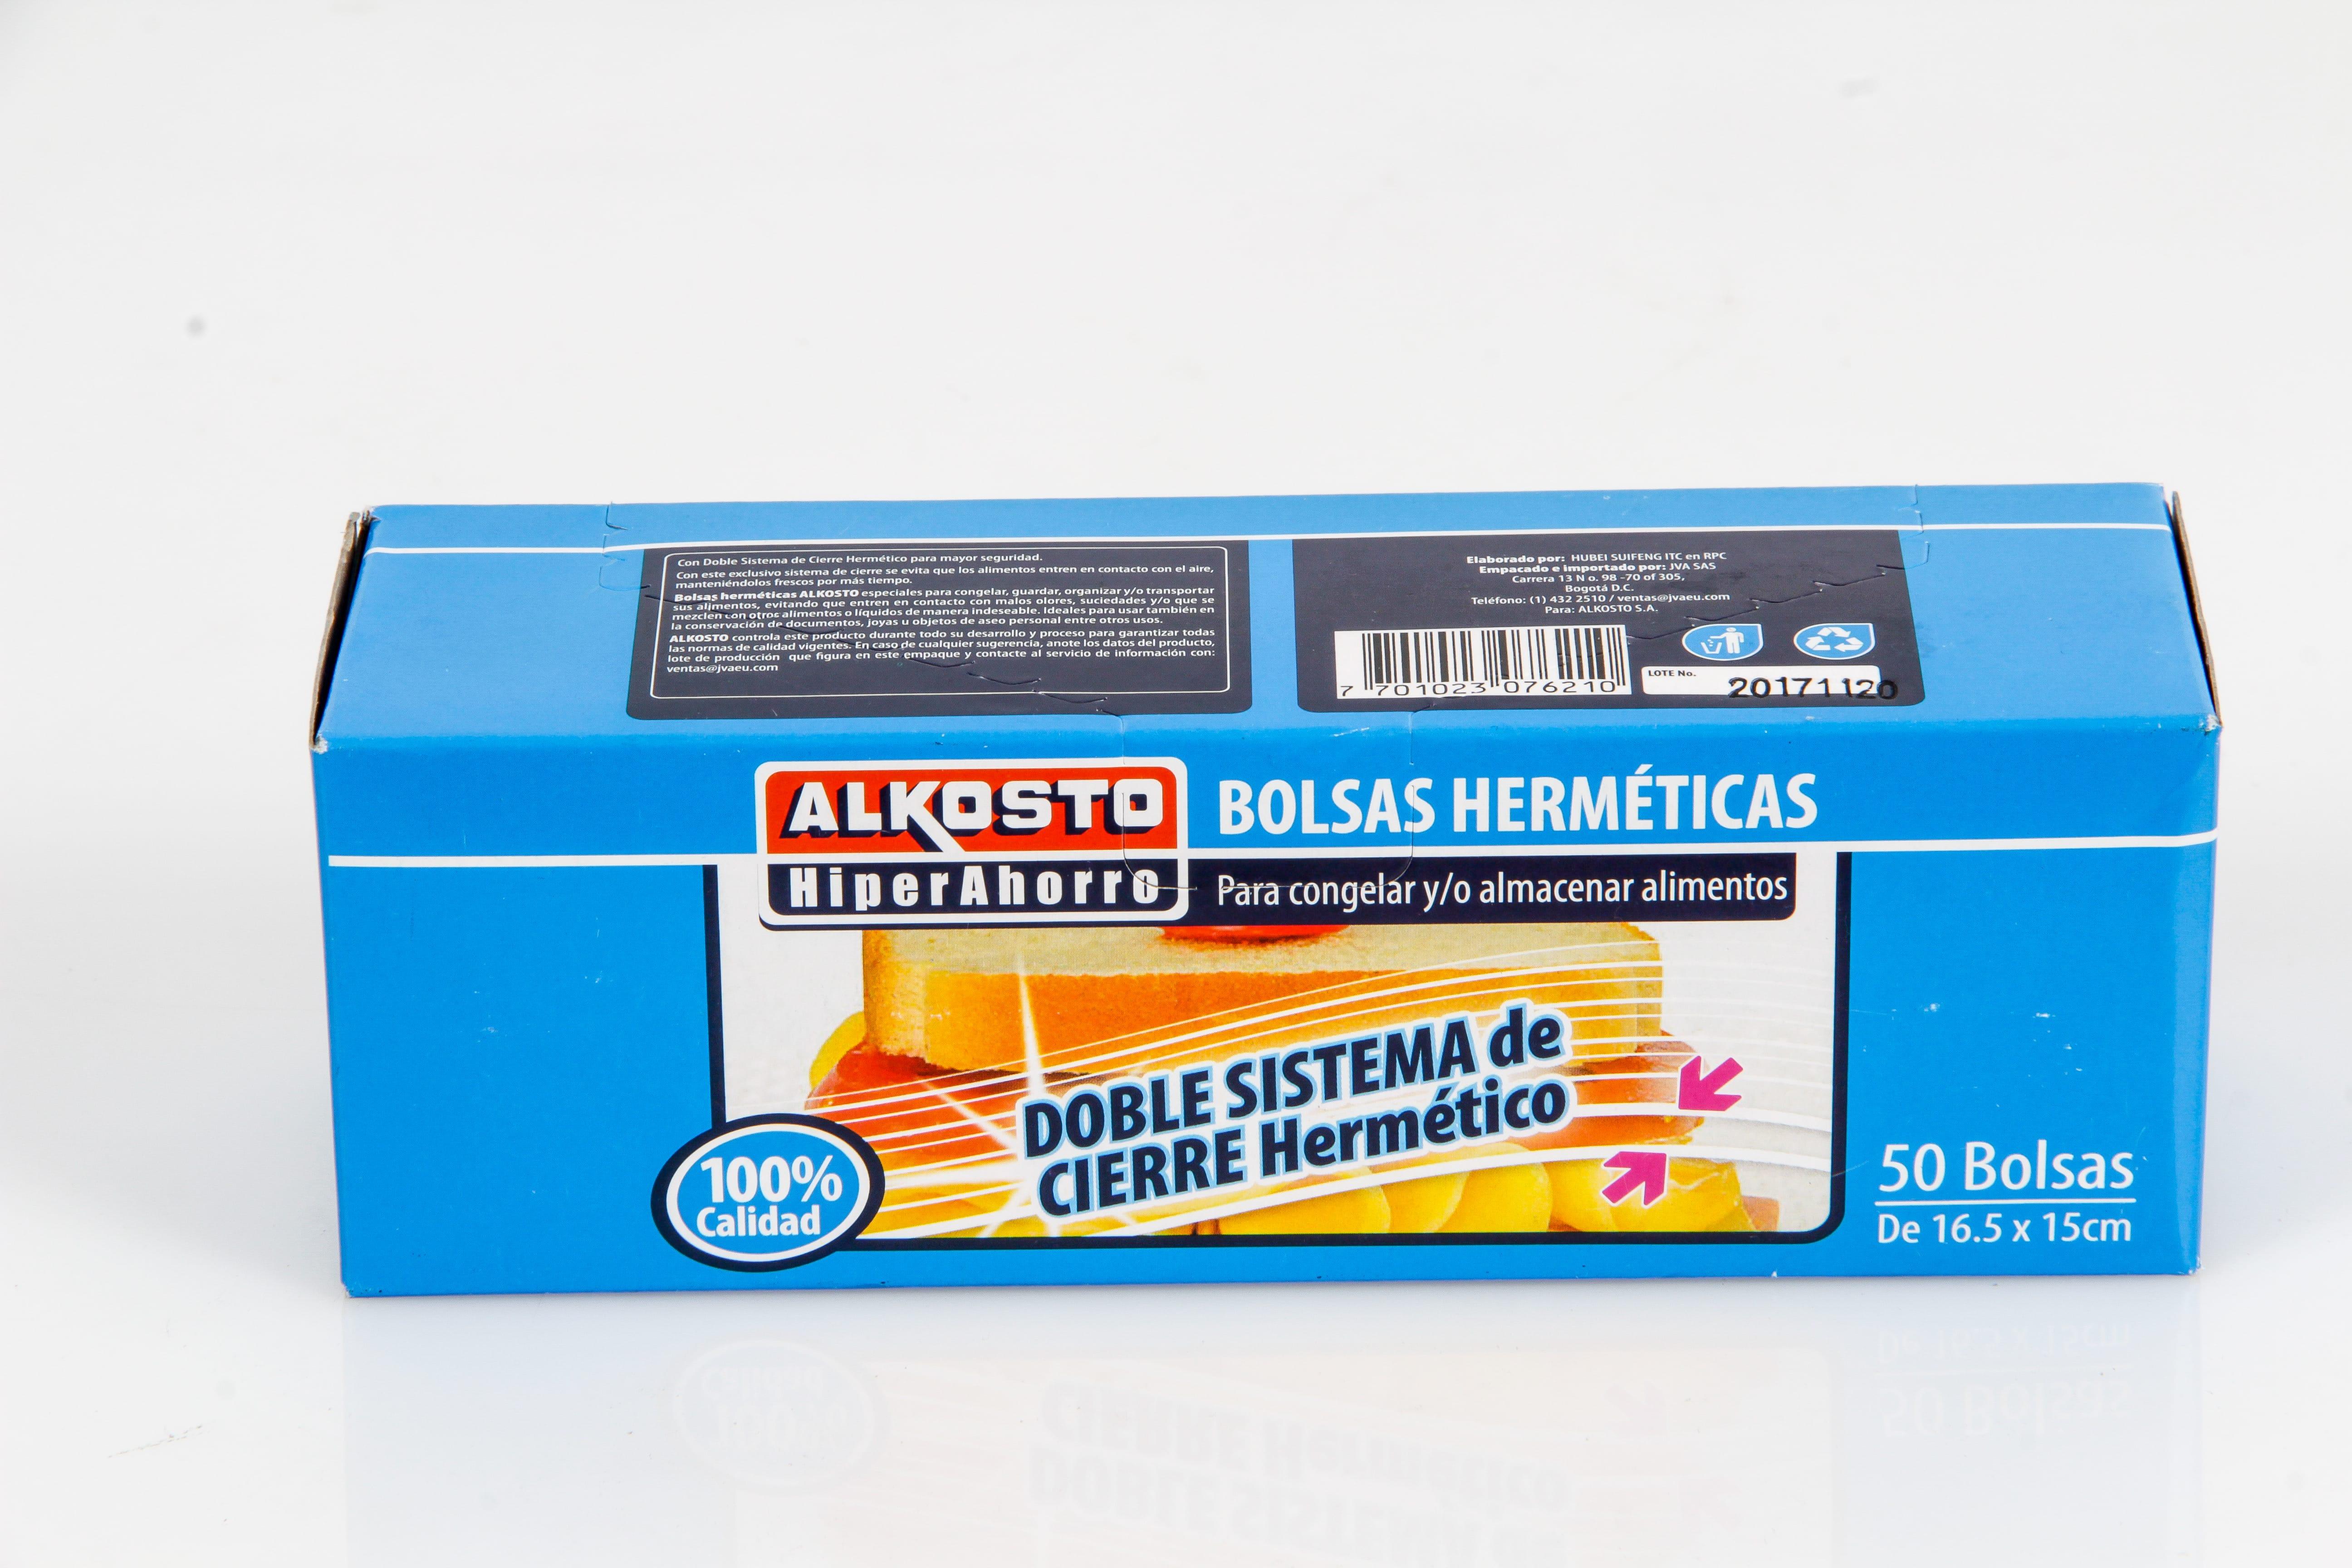 Bolsas Herméticas Alkosto 16 5x15cm X50u